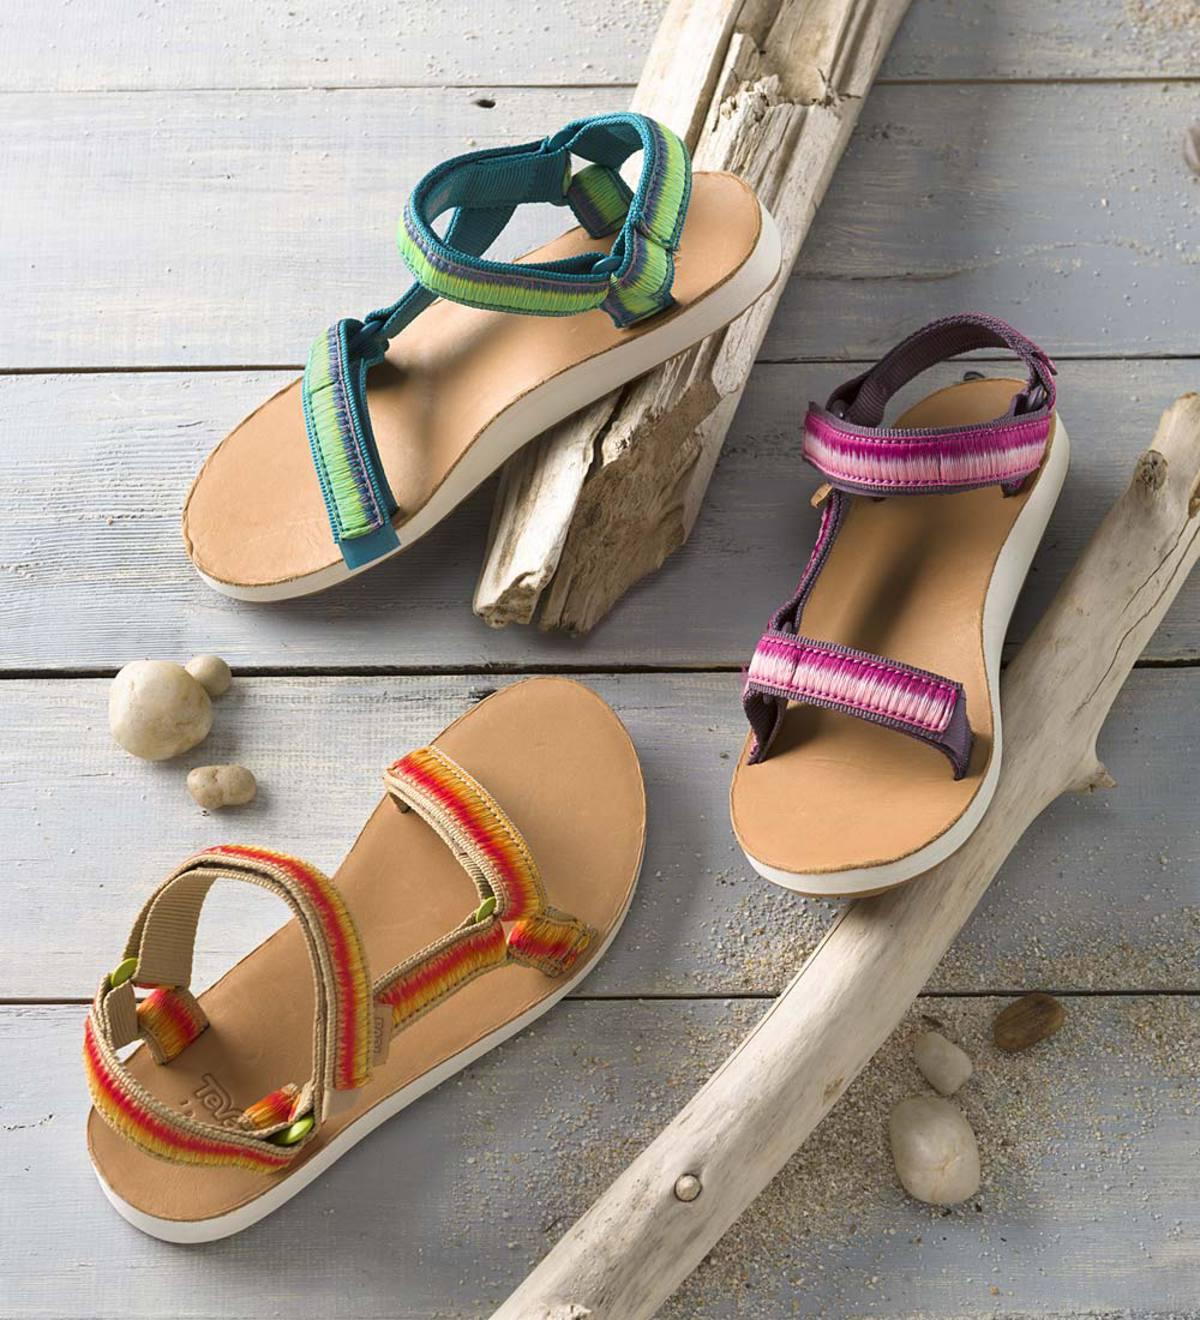 f011a1f484e59 Teva Women's Original Universal Ombre Sandals | PlowHearth